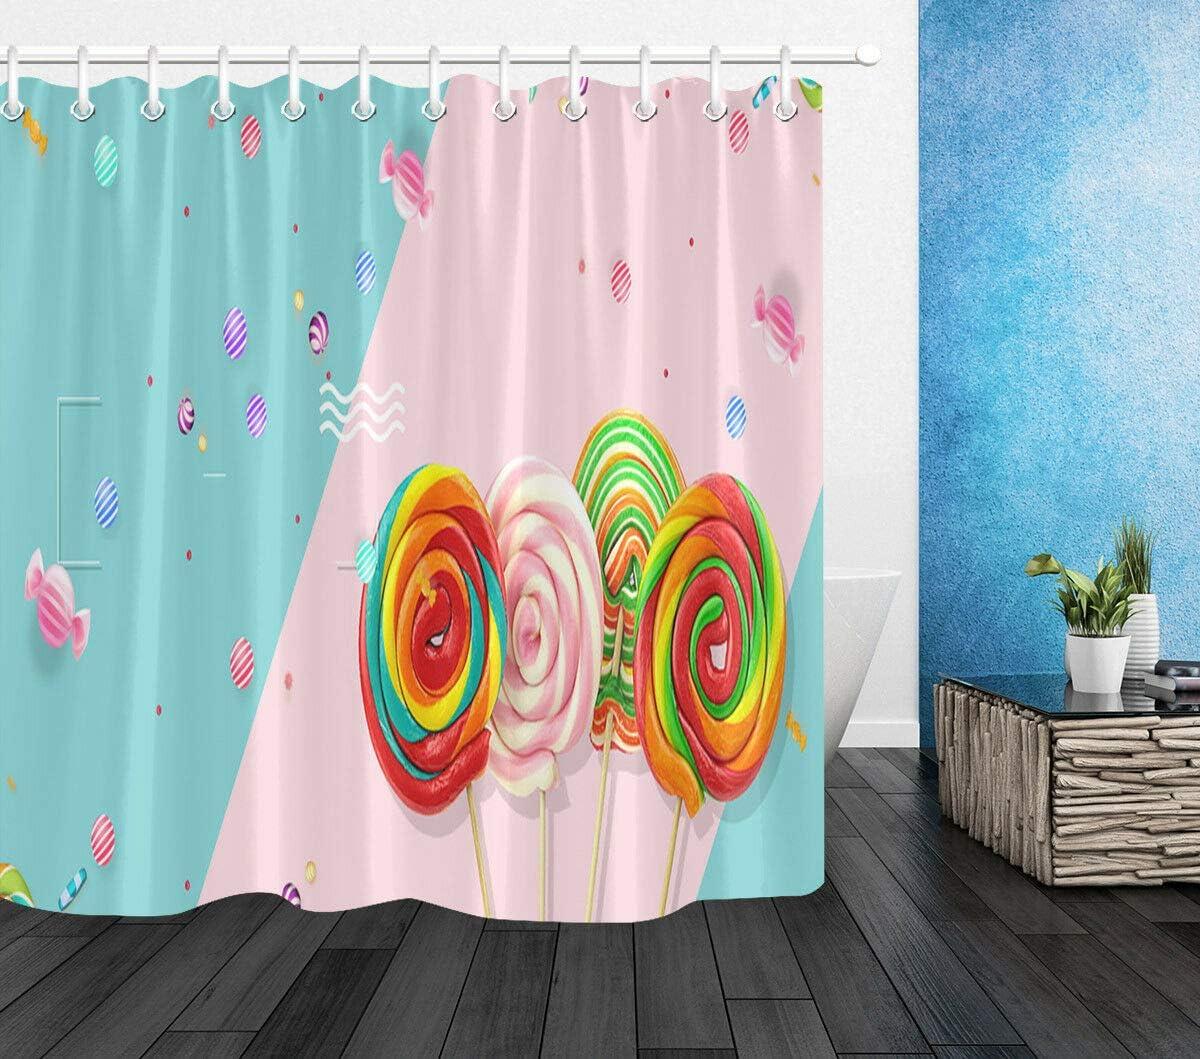 WvtsUcykyga Colored Lollipops 100/% Poliestere Tenda da Doccia con Ganci 183 x 183 cm